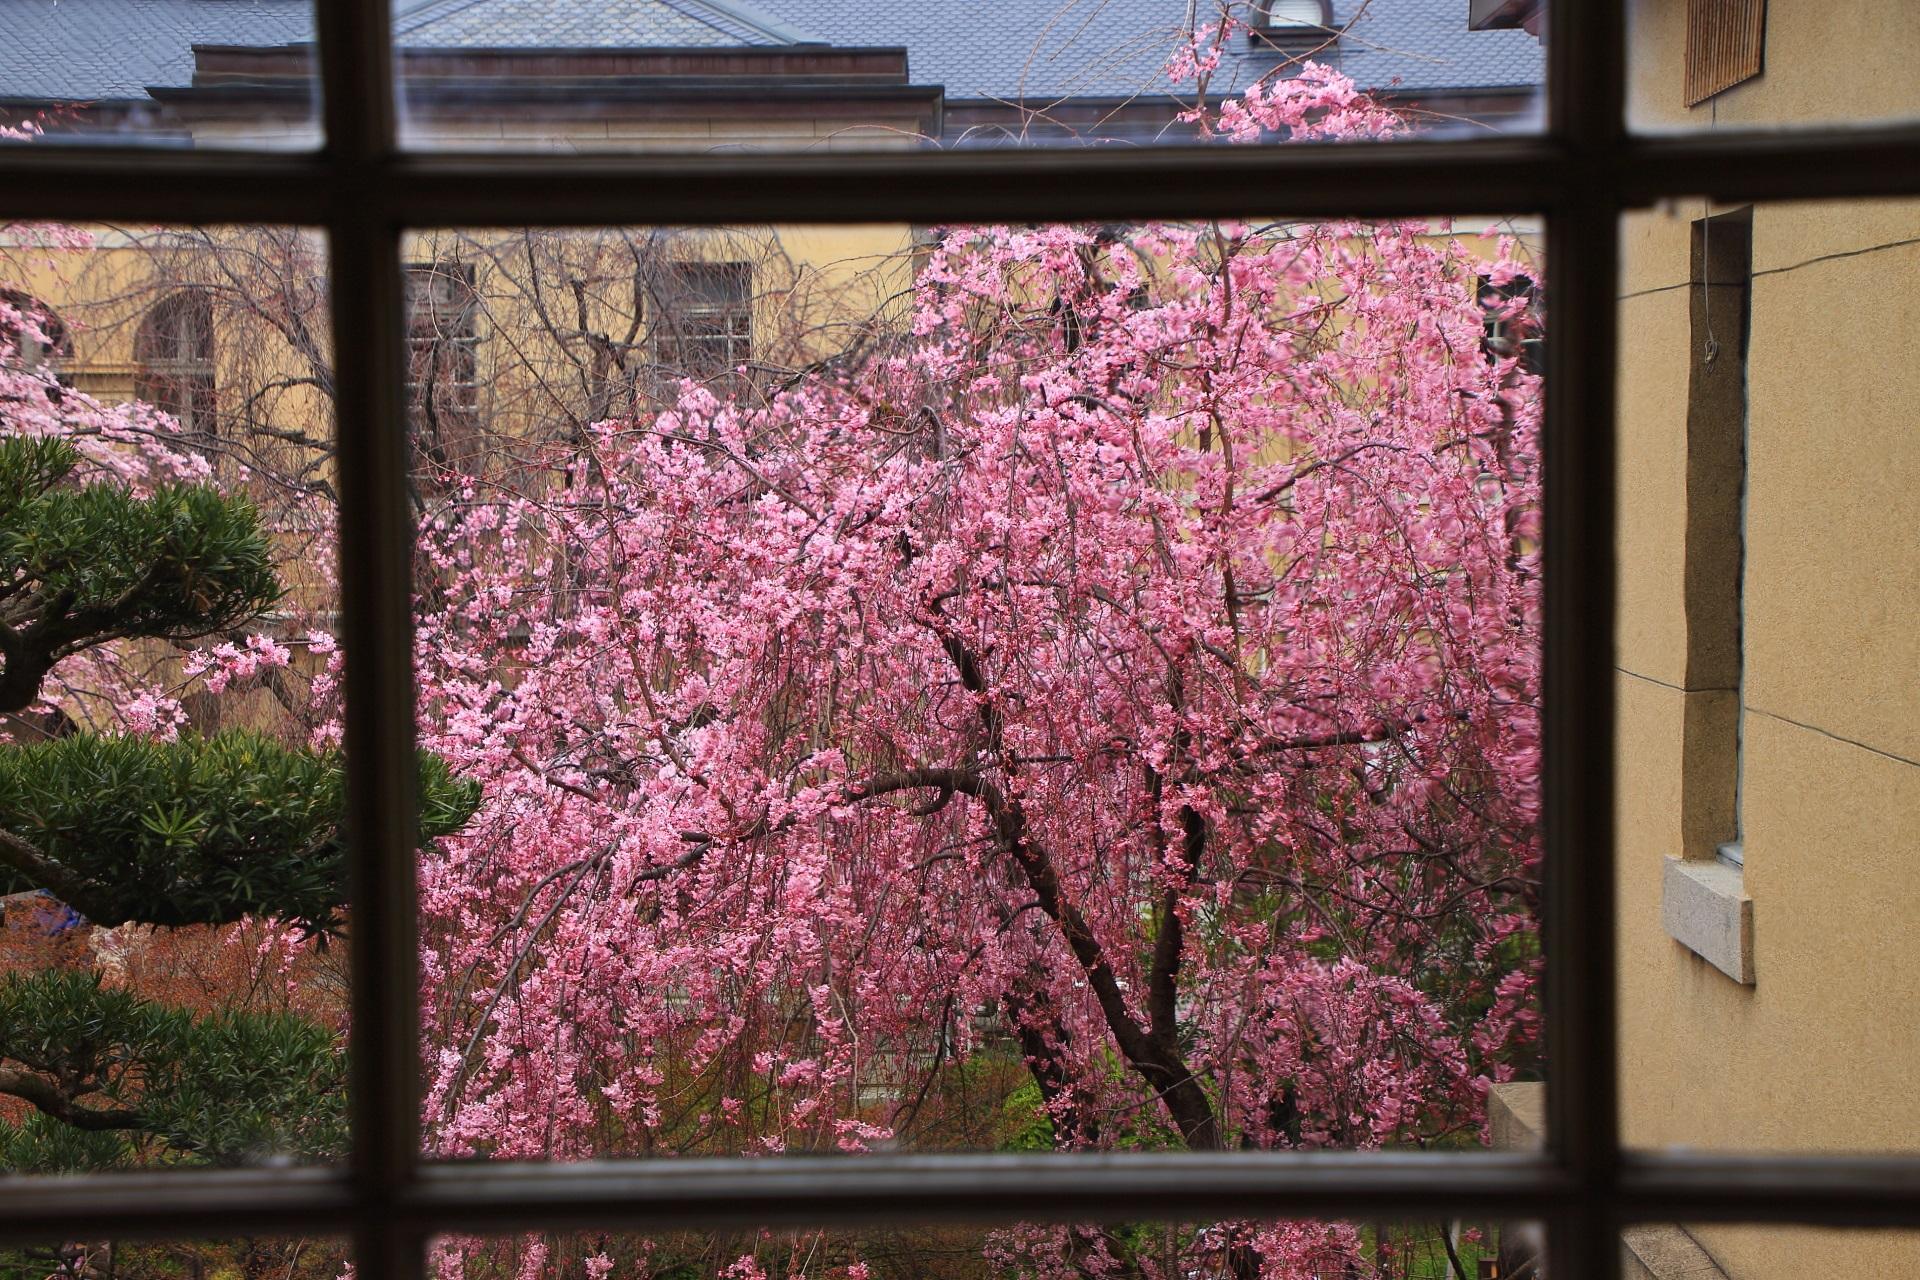 窓越しに見ると雰囲気が変わる京都府庁旧本館の桜